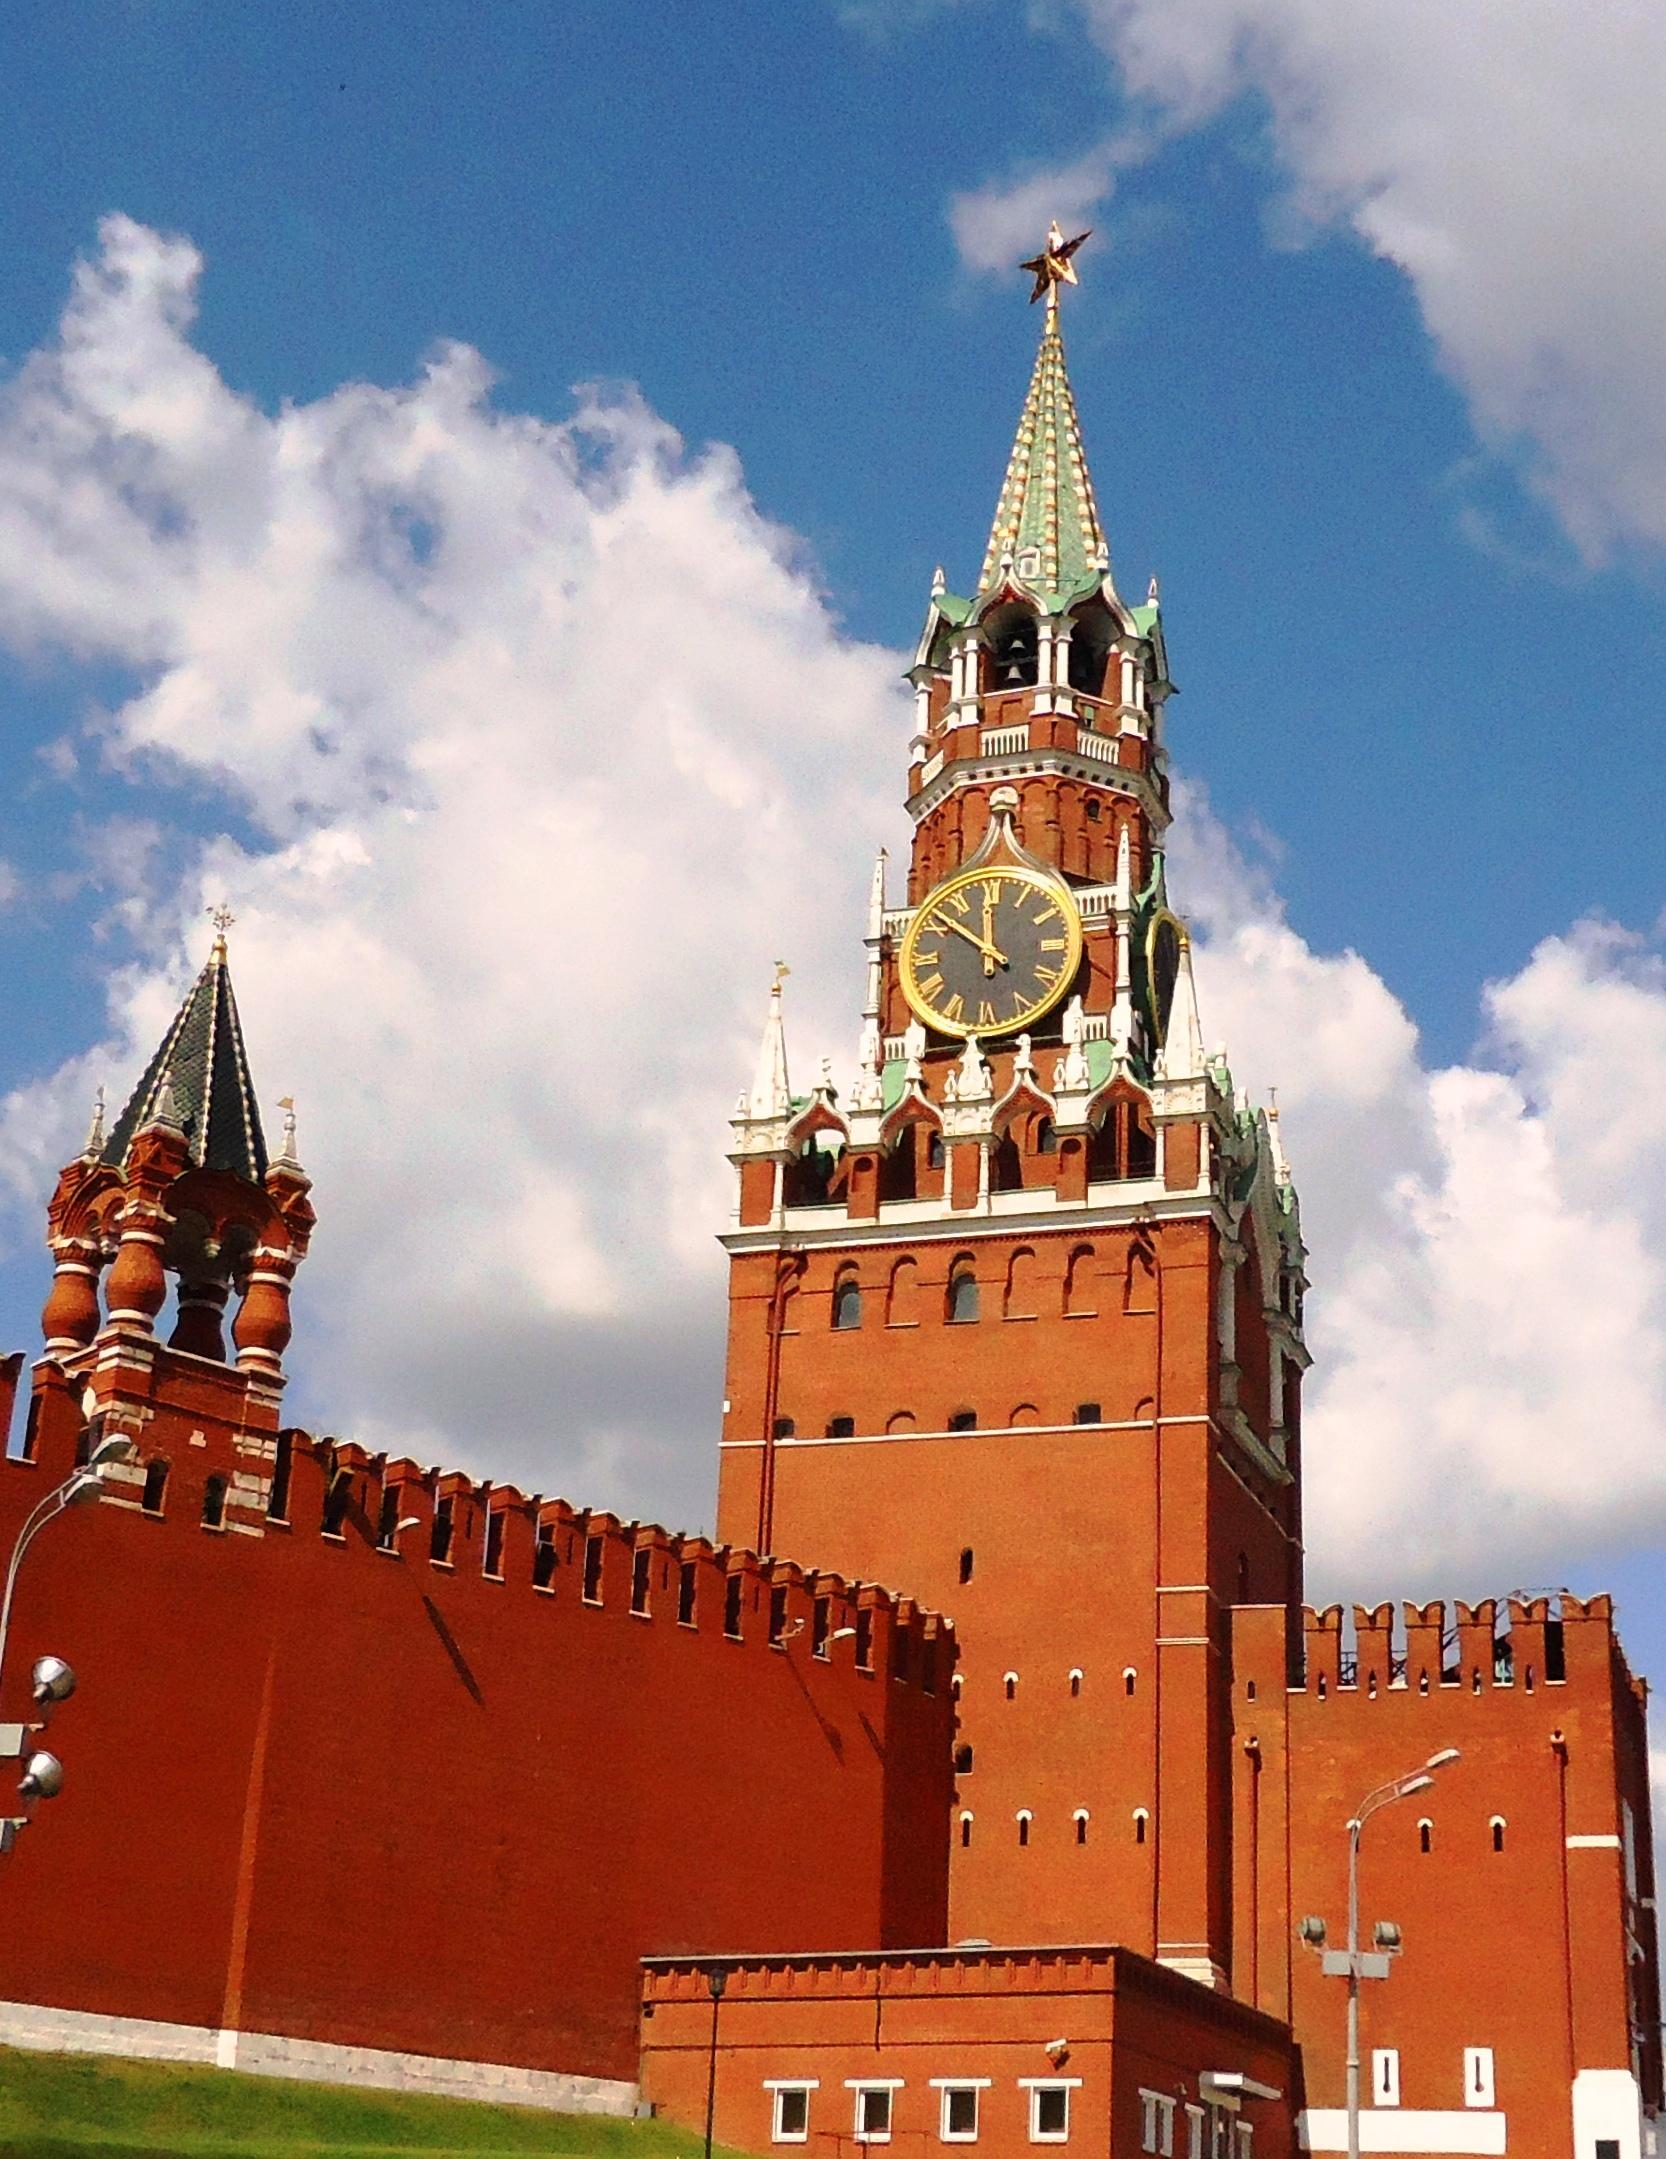 Кремлевская фаворитка))). Блиц: башни